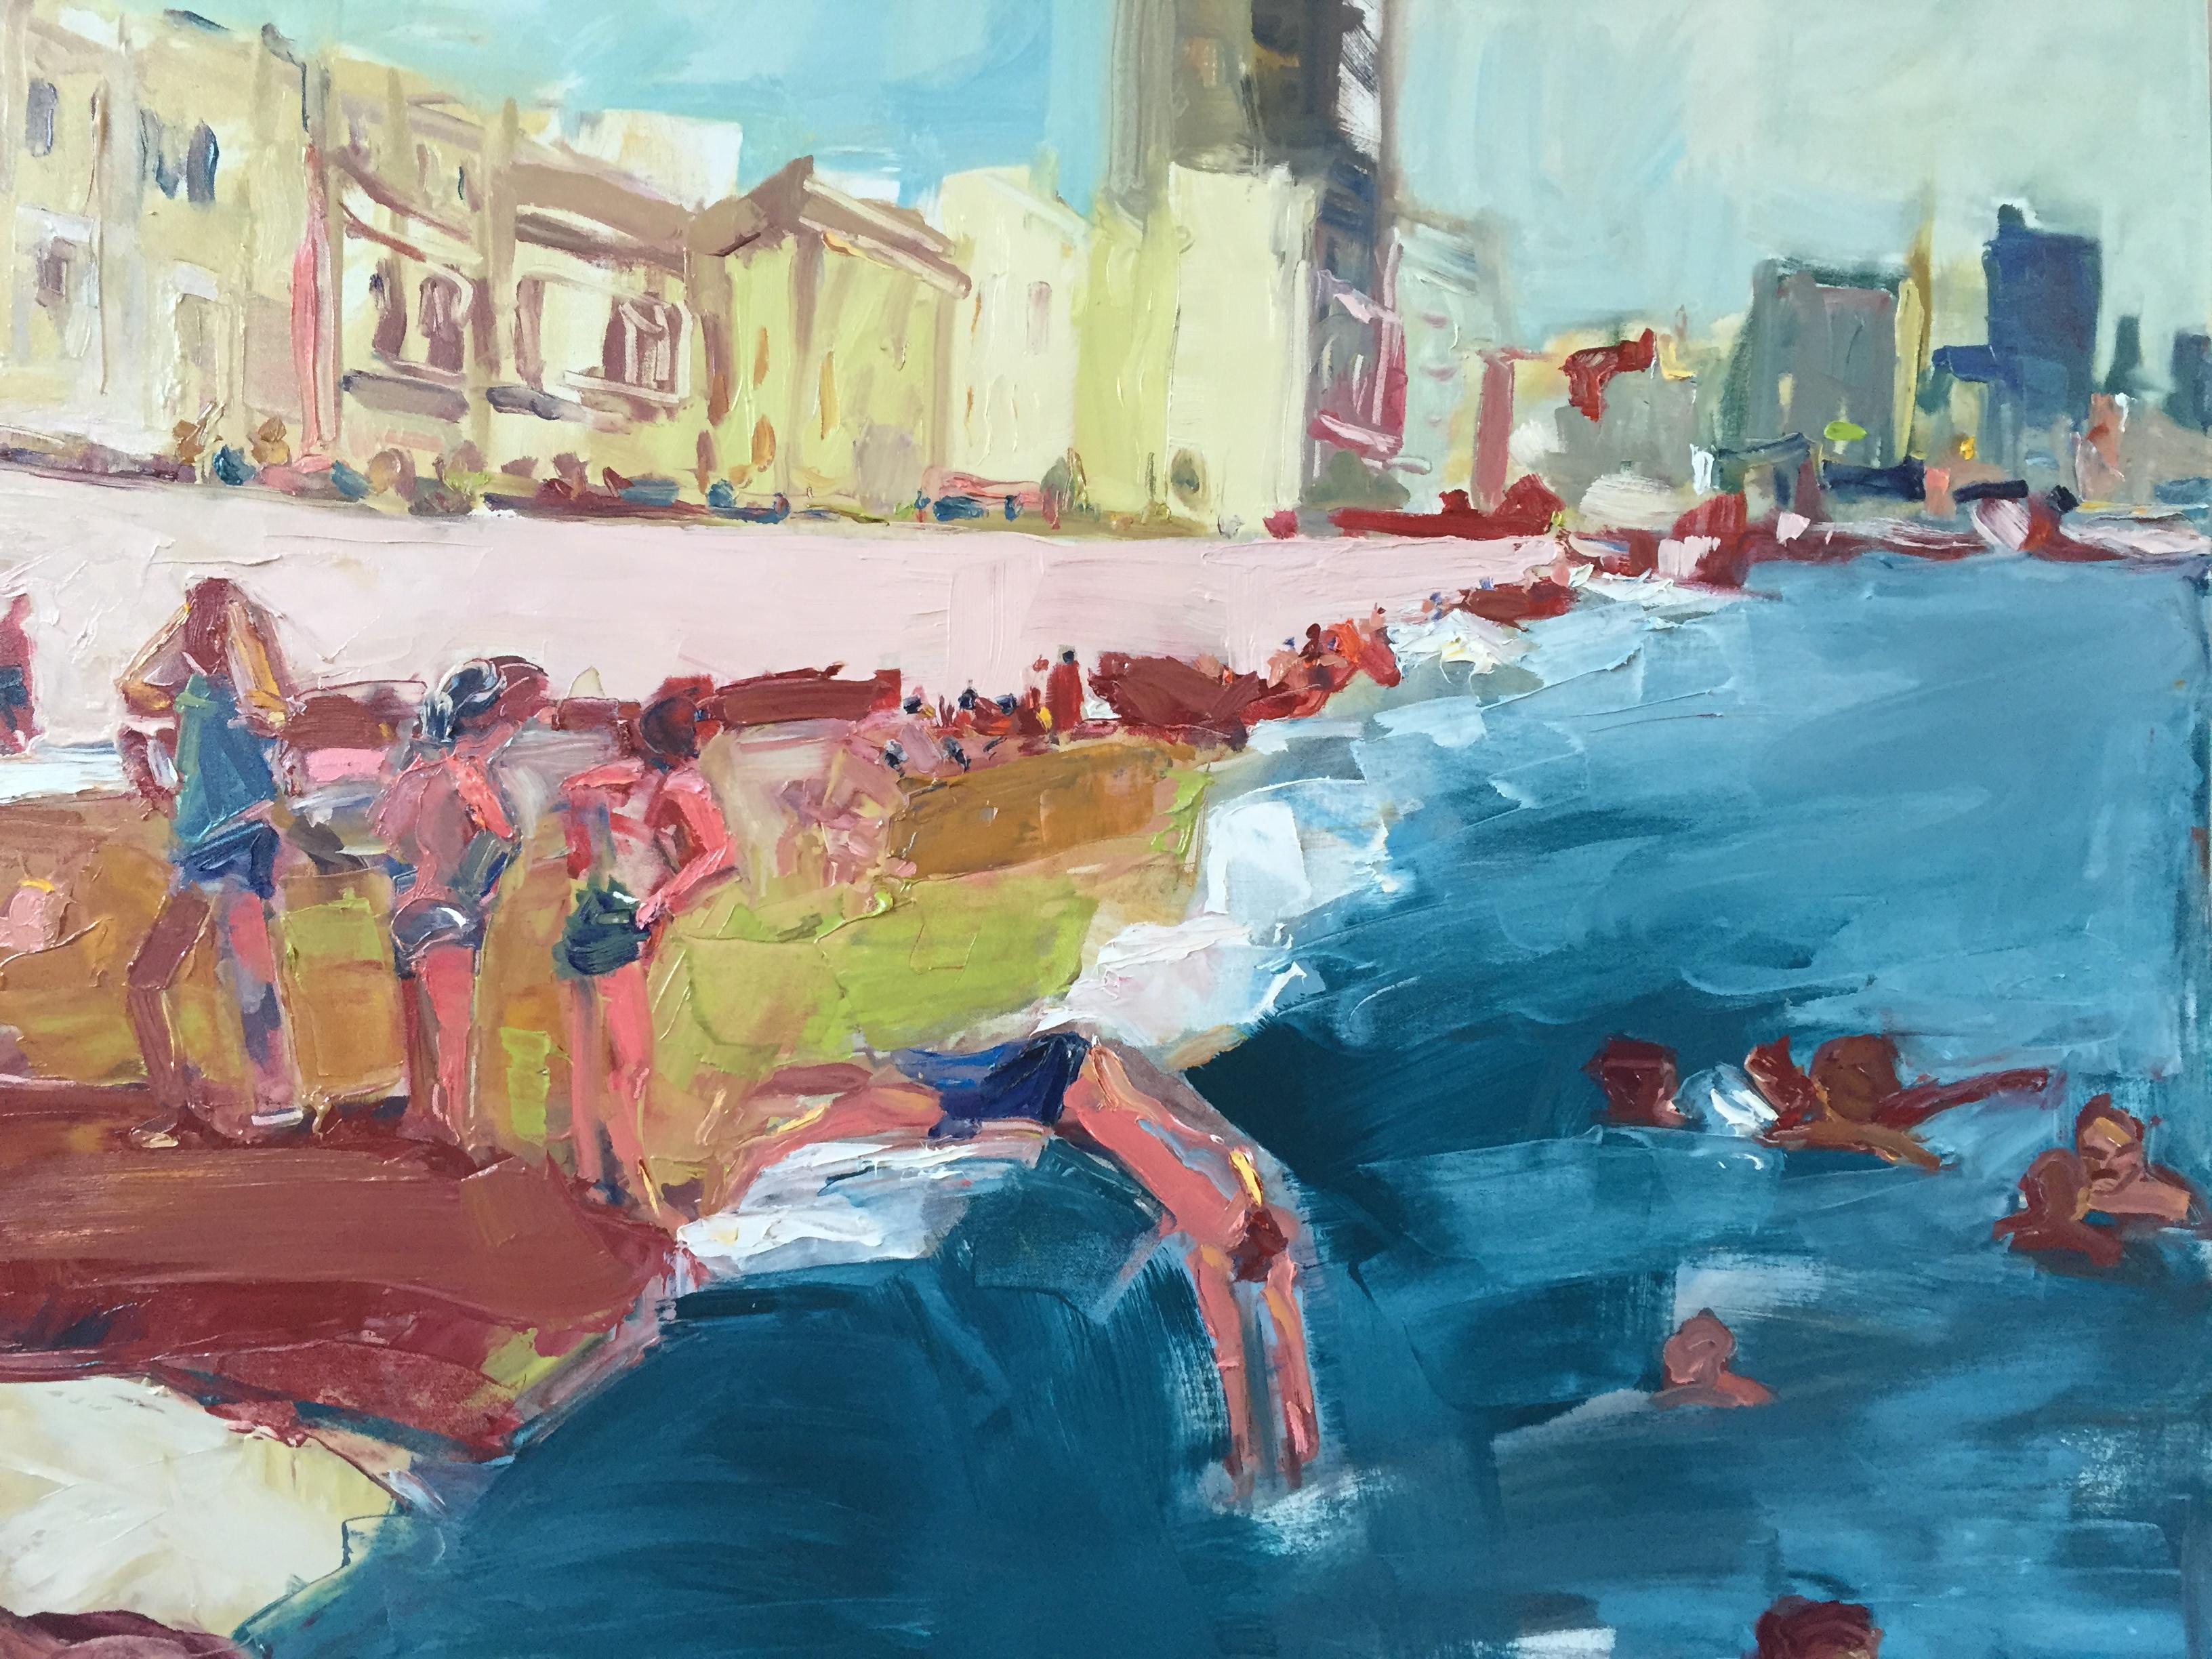 La Vida Cuba_Nadando en el Malecon_48x58)oil on canvas_anaguzman